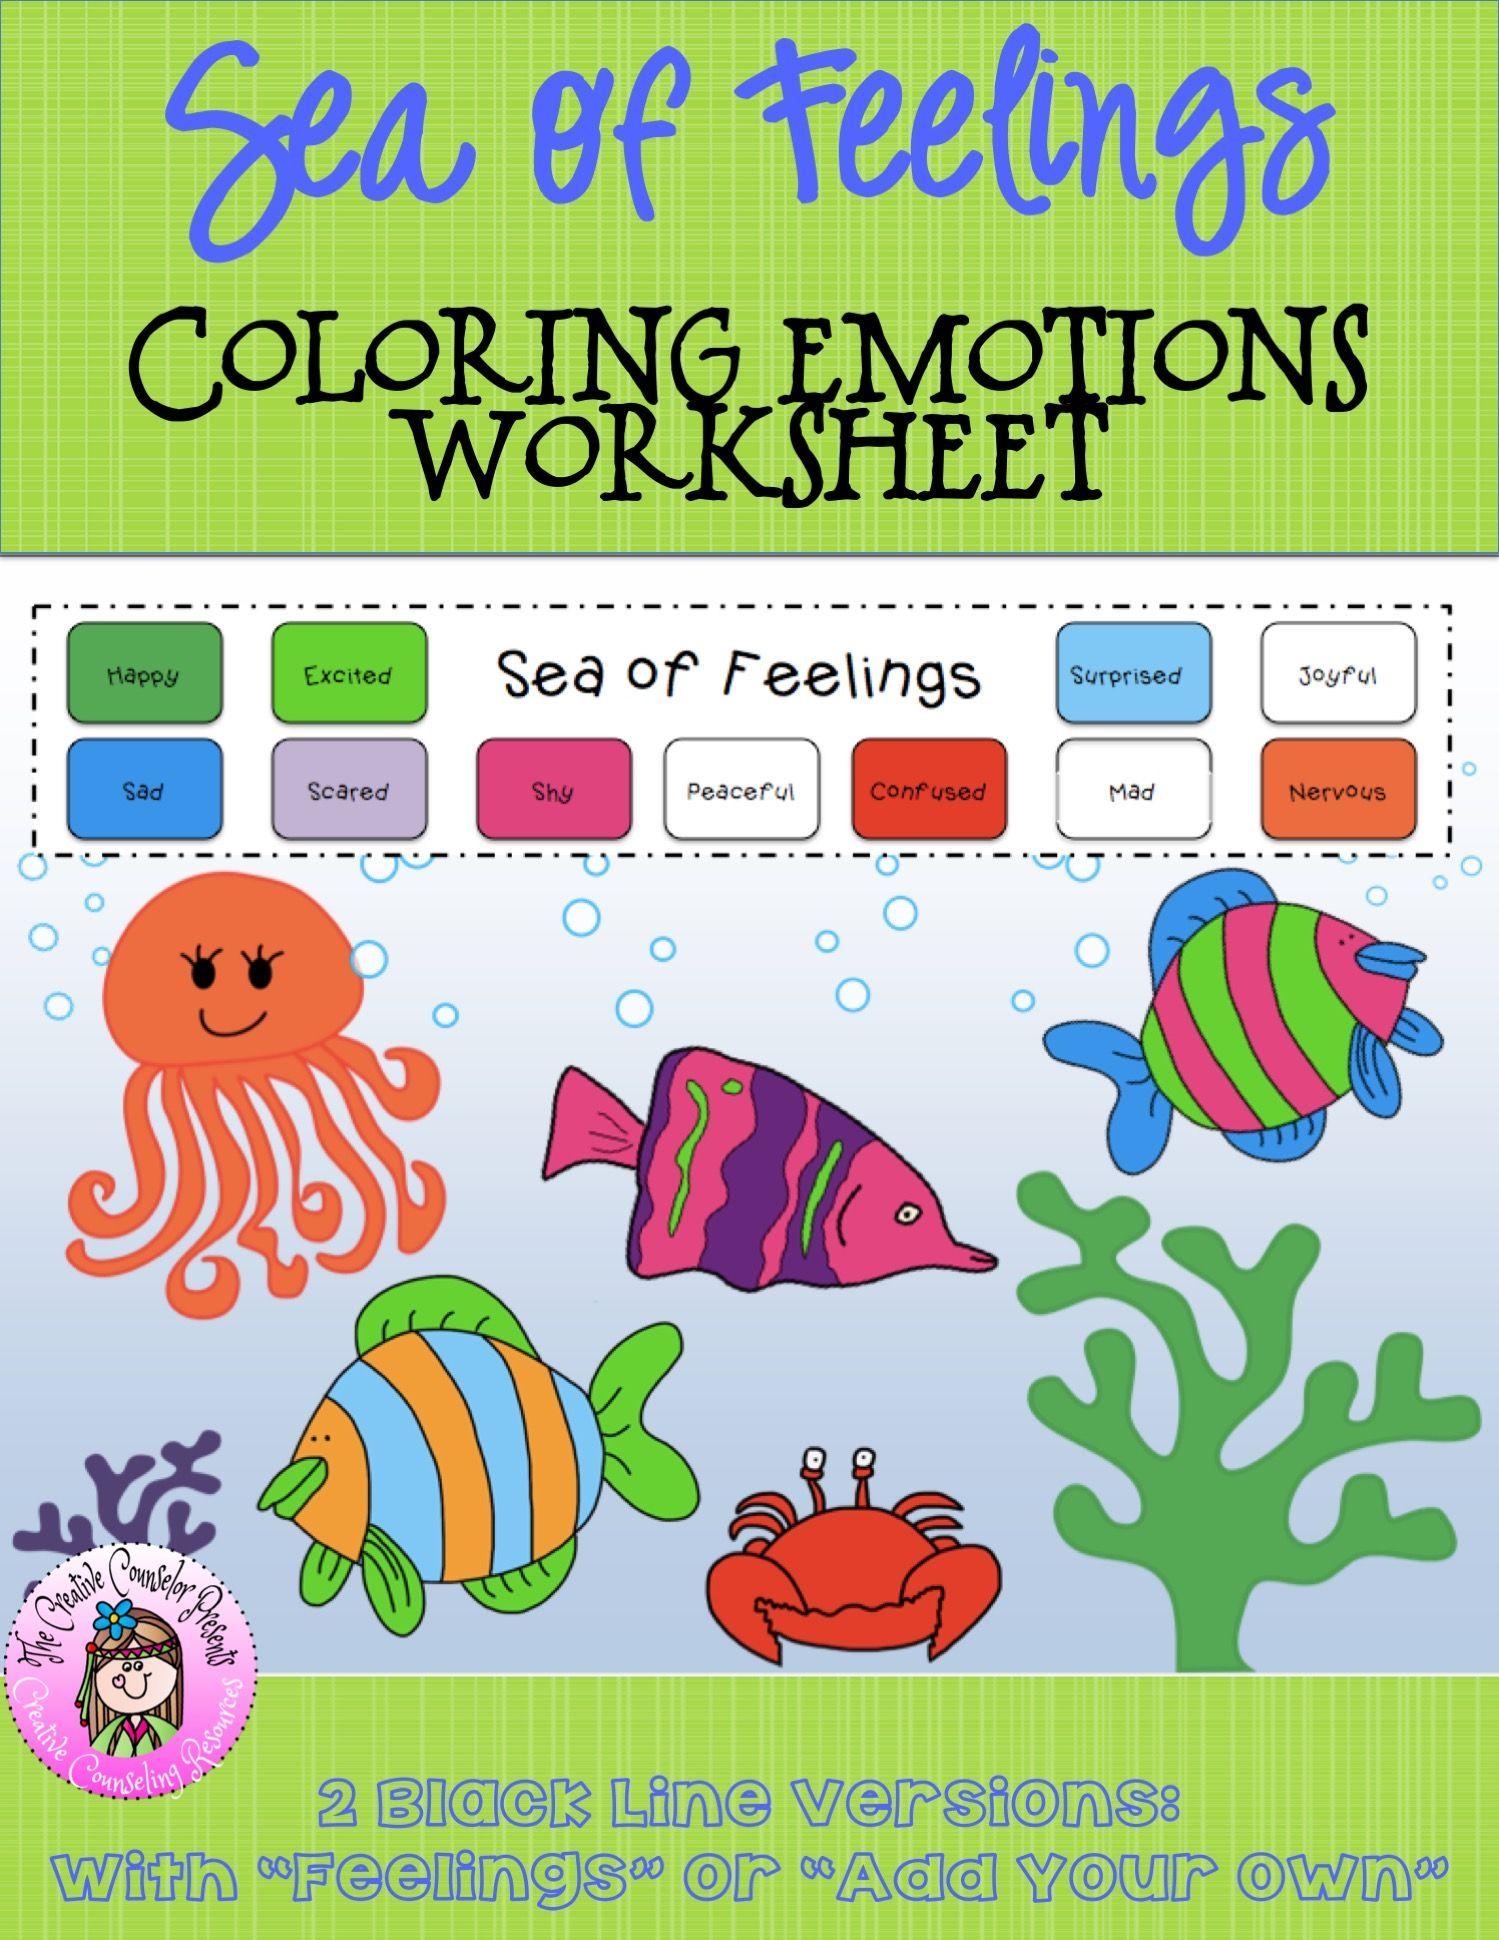 Sea of Feelings Coloring Emotions Worksheet in 2020 With ...